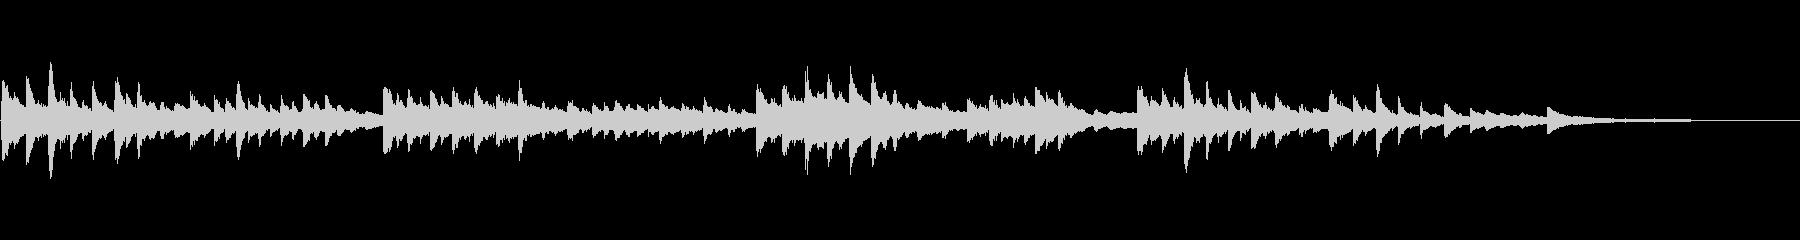 シューマン 可憐で物憂げなピアノ曲高音質の未再生の波形